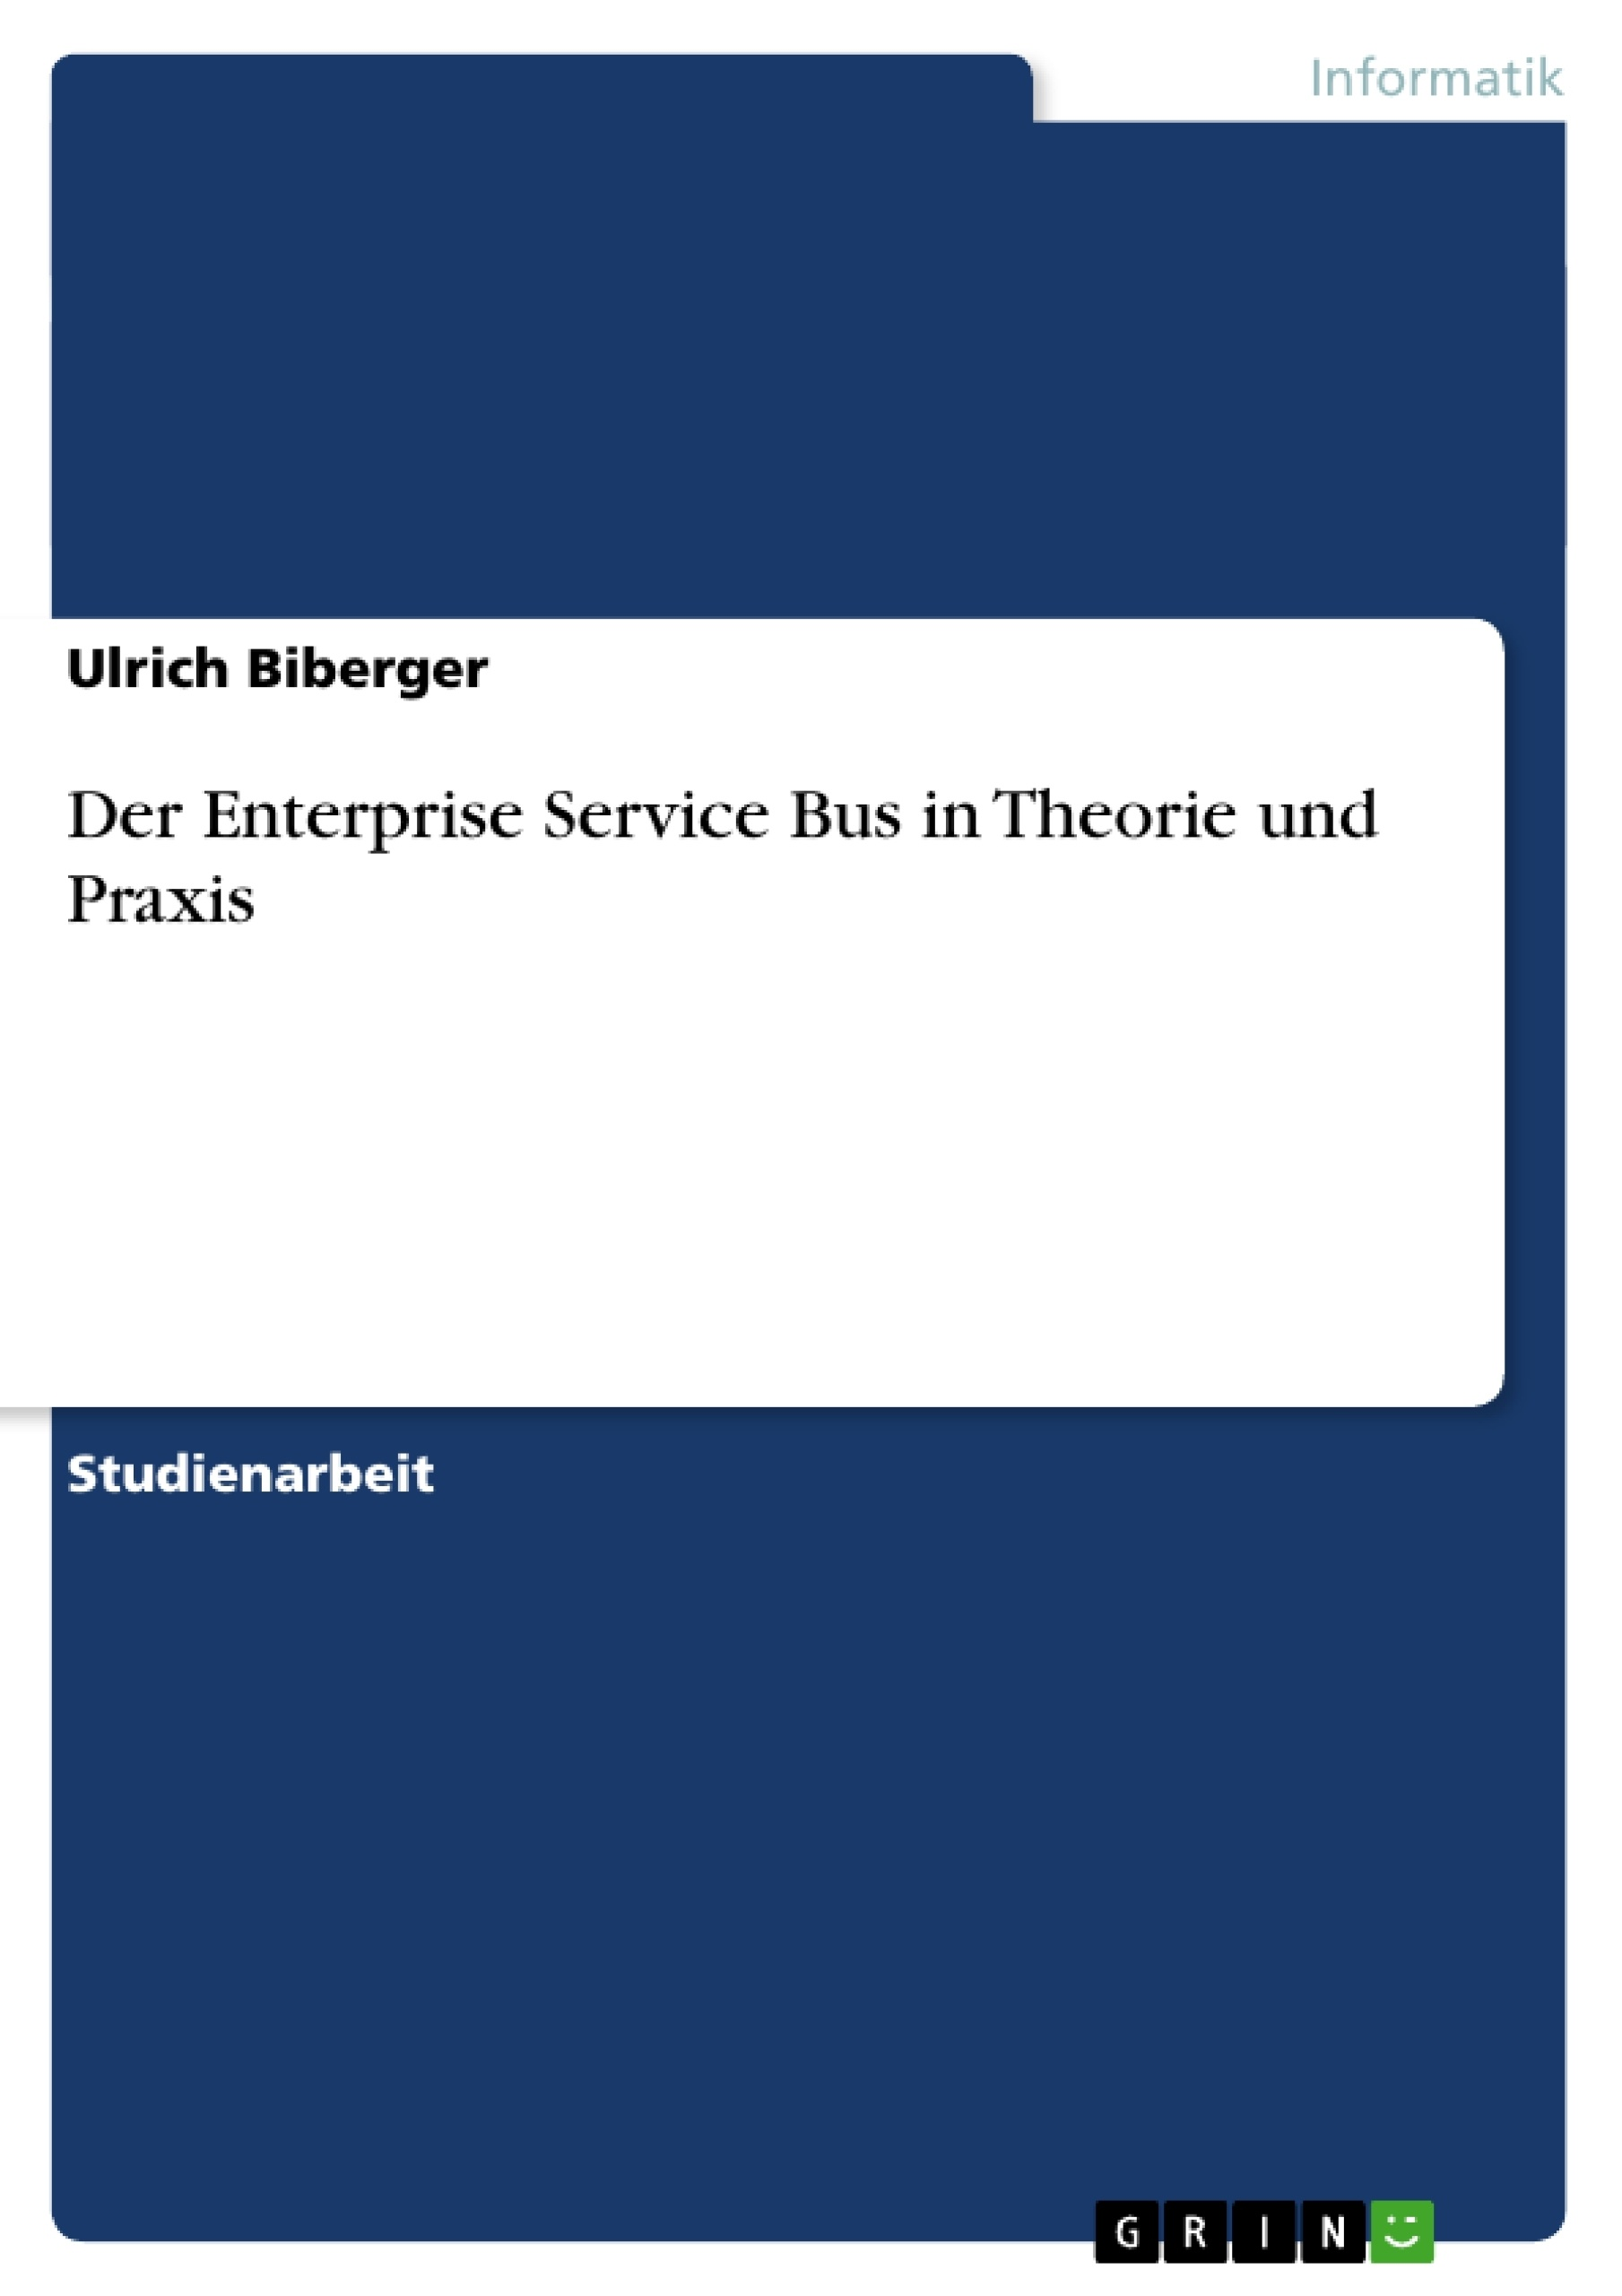 Titel: Der Enterprise Service Bus in Theorie und Praxis